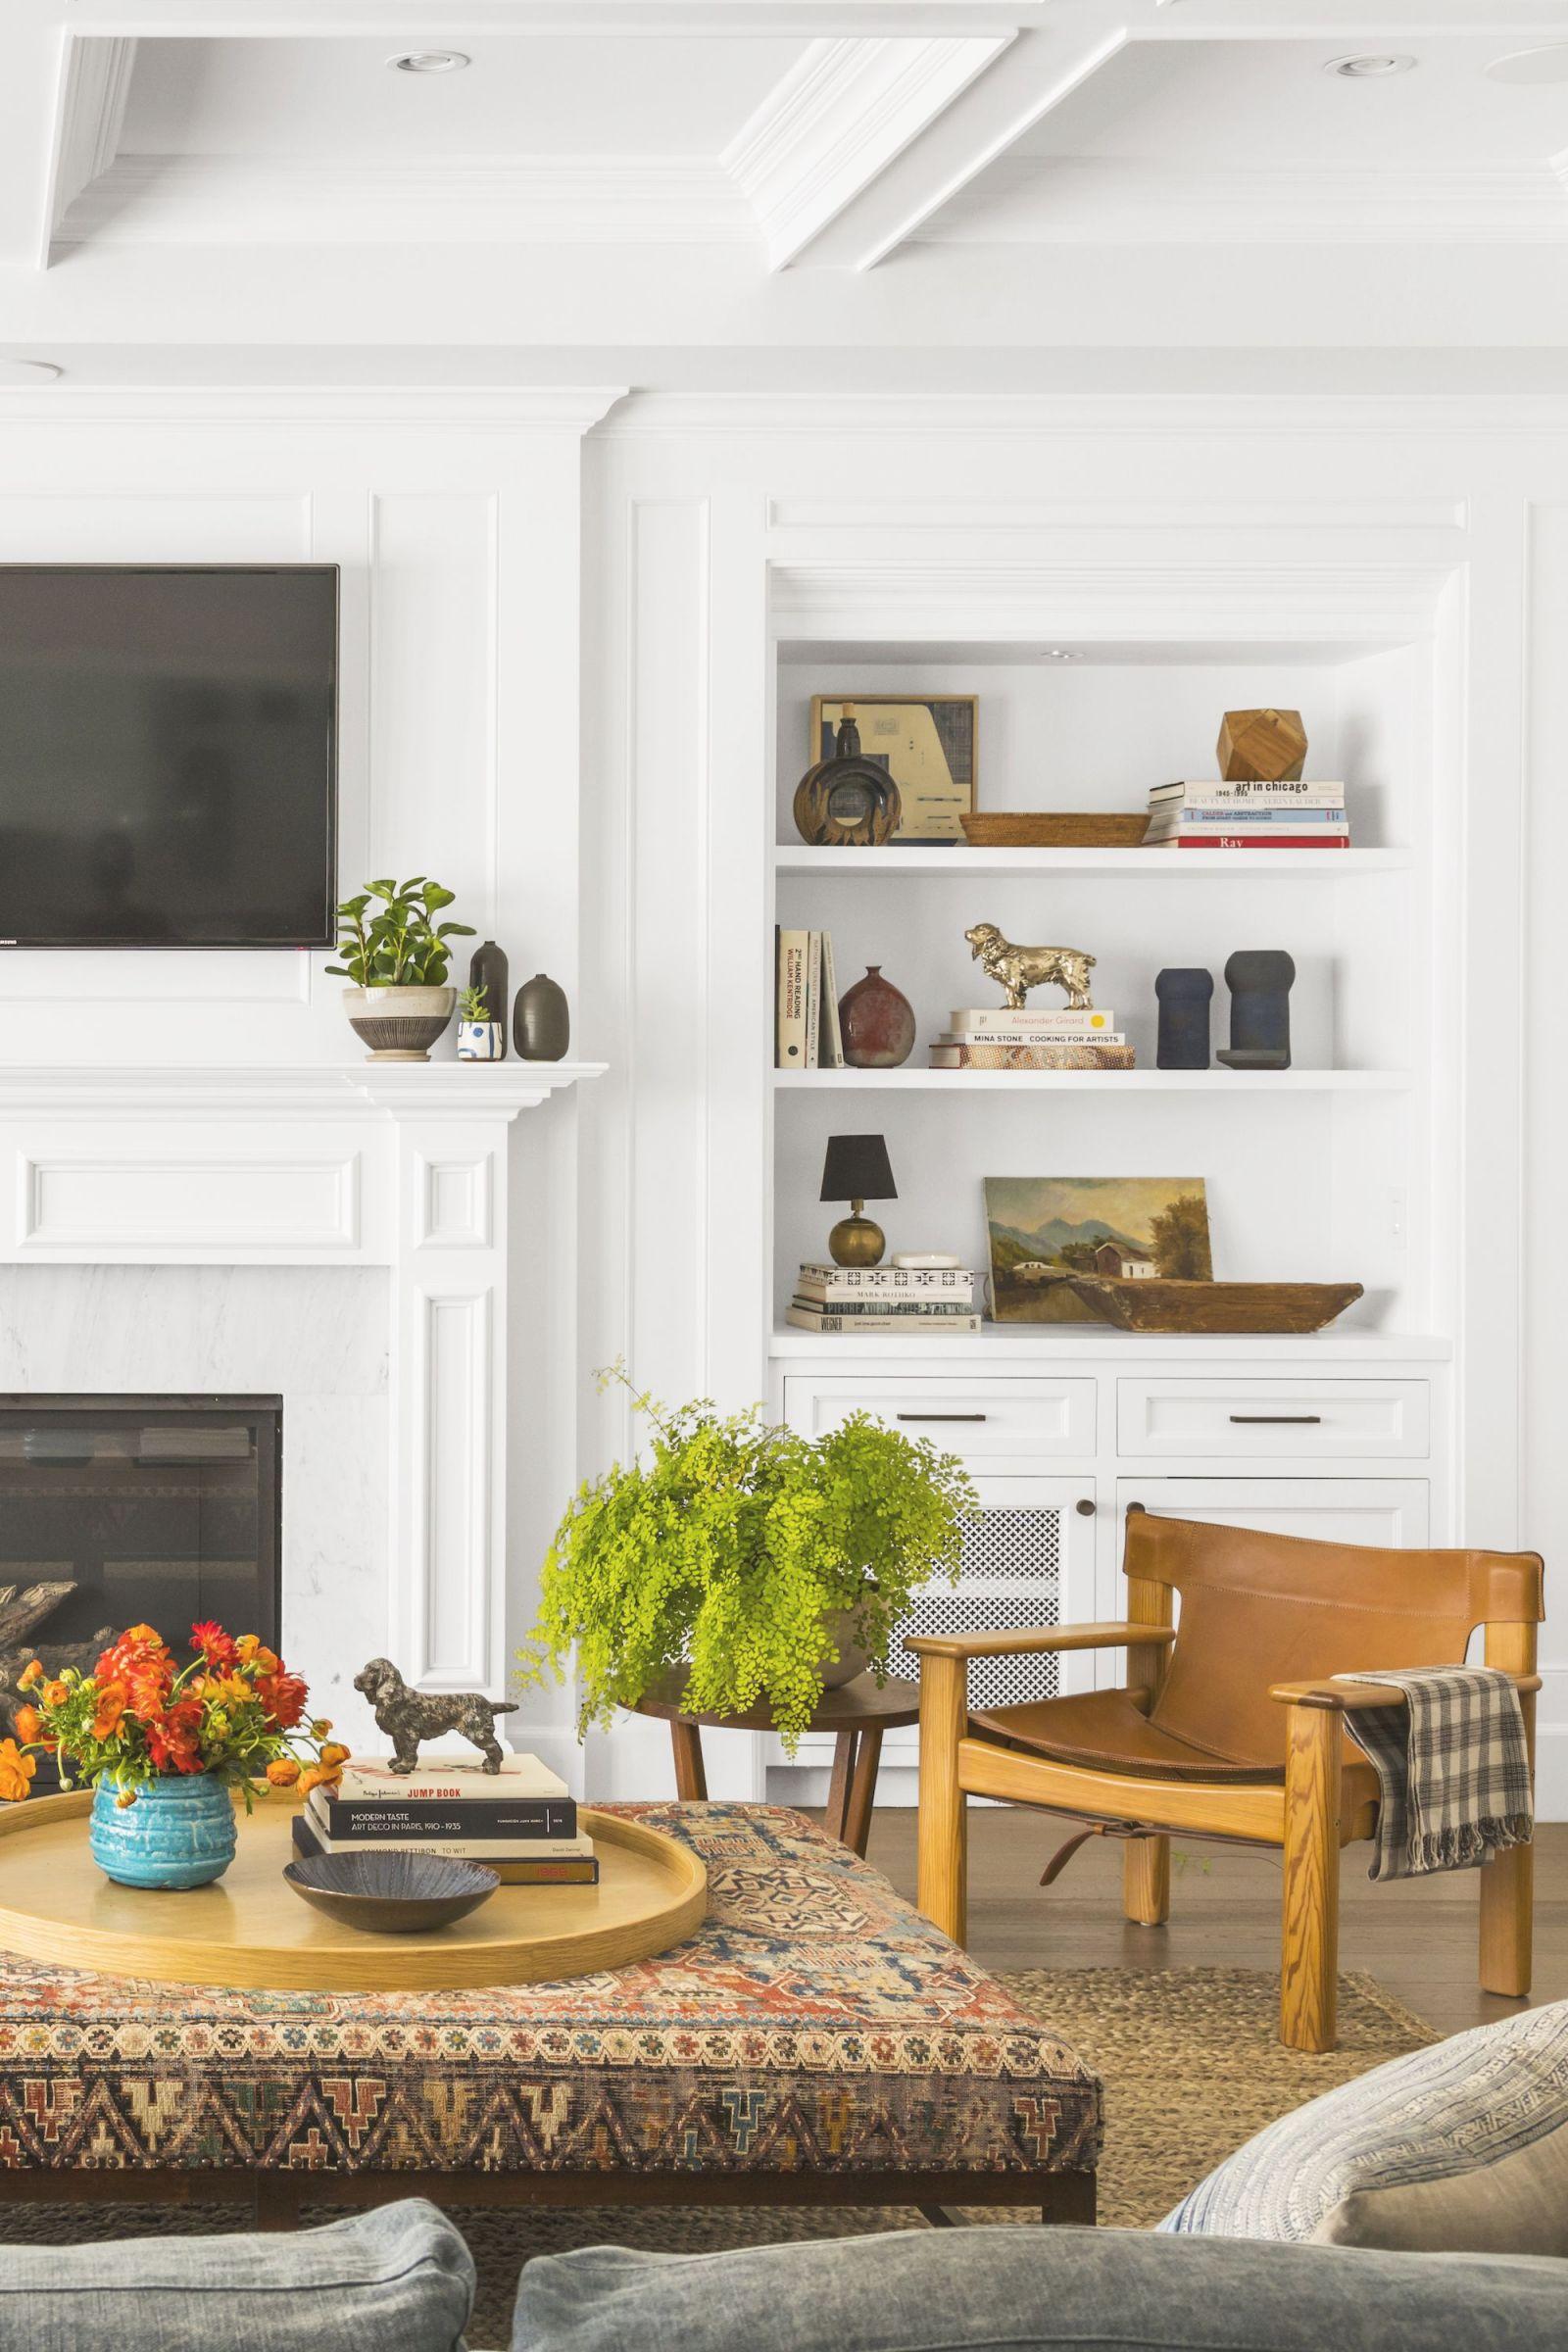 53 Best Living Room Ideas – Stylish Living Room Decorating pertaining to Small Living Room Decorating Ideas